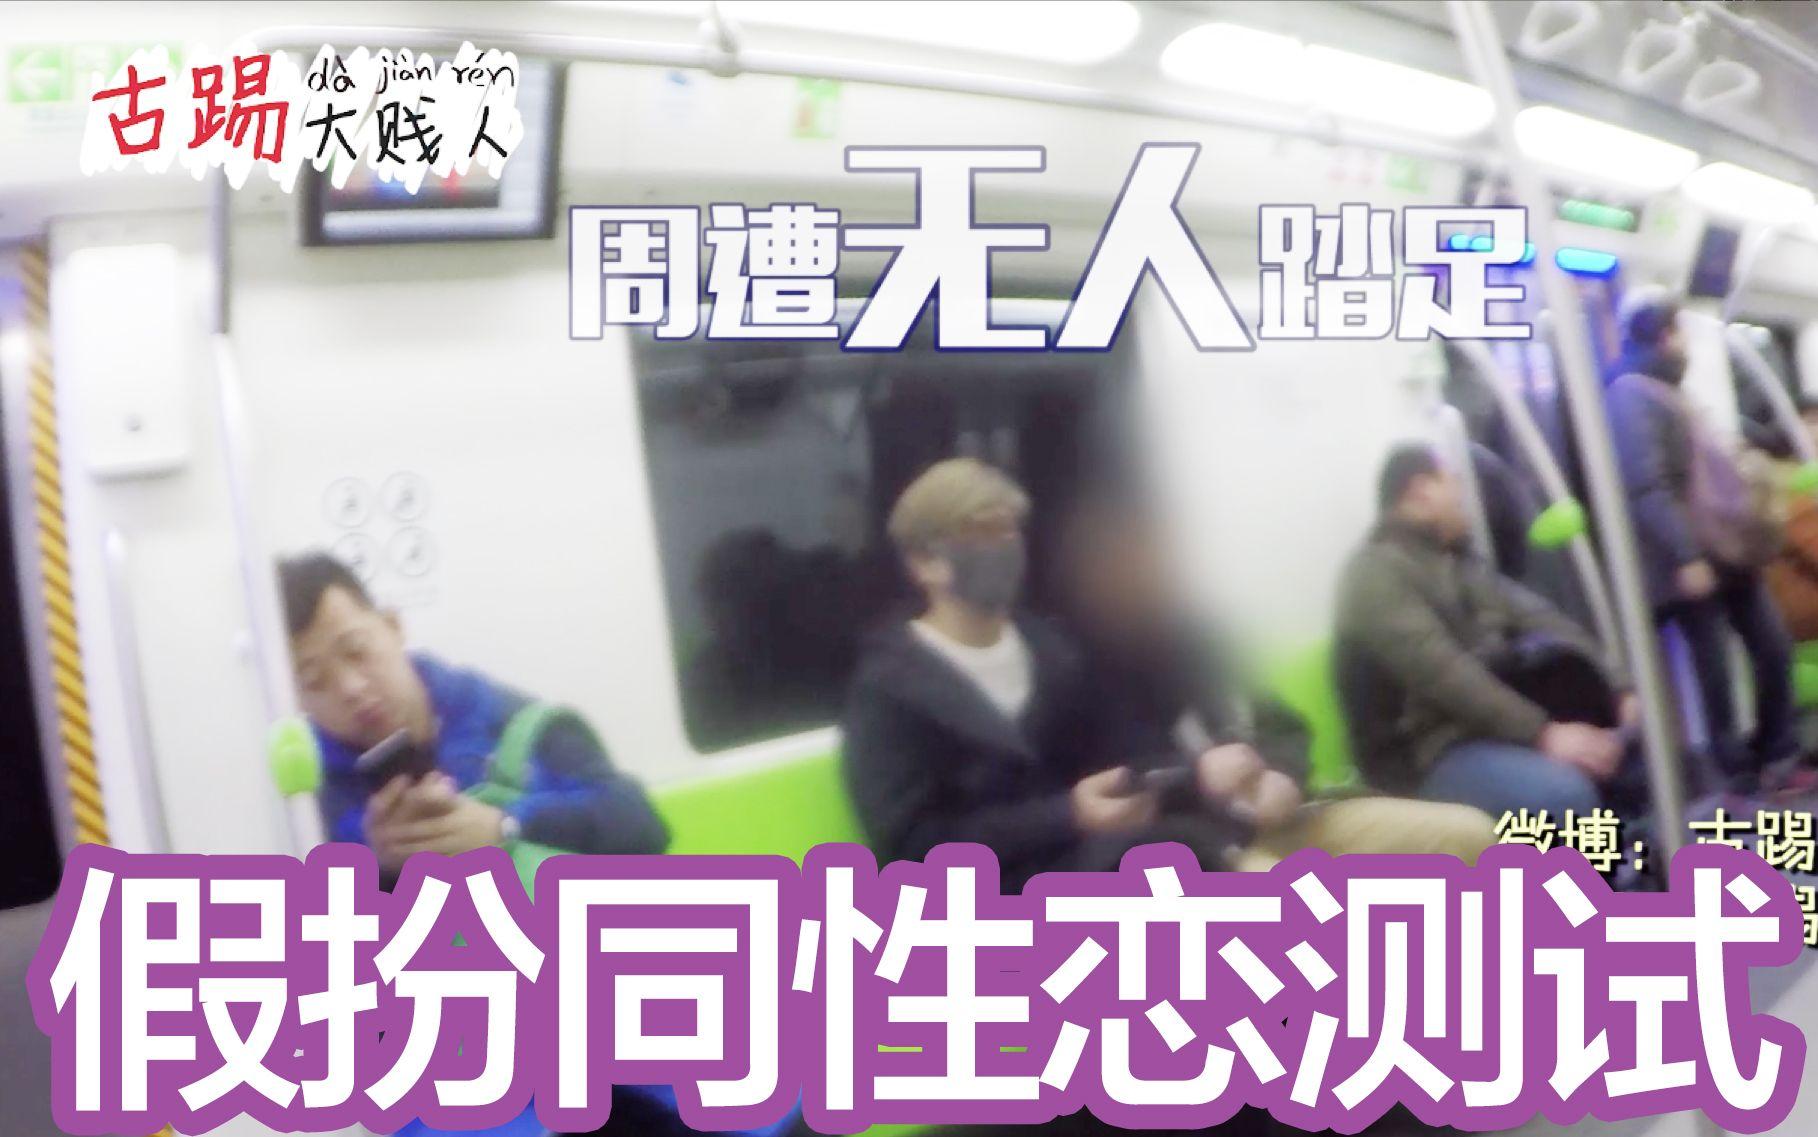 【古踢搞事】假扮同性恋北京地铁一日游,你能看到一些什么